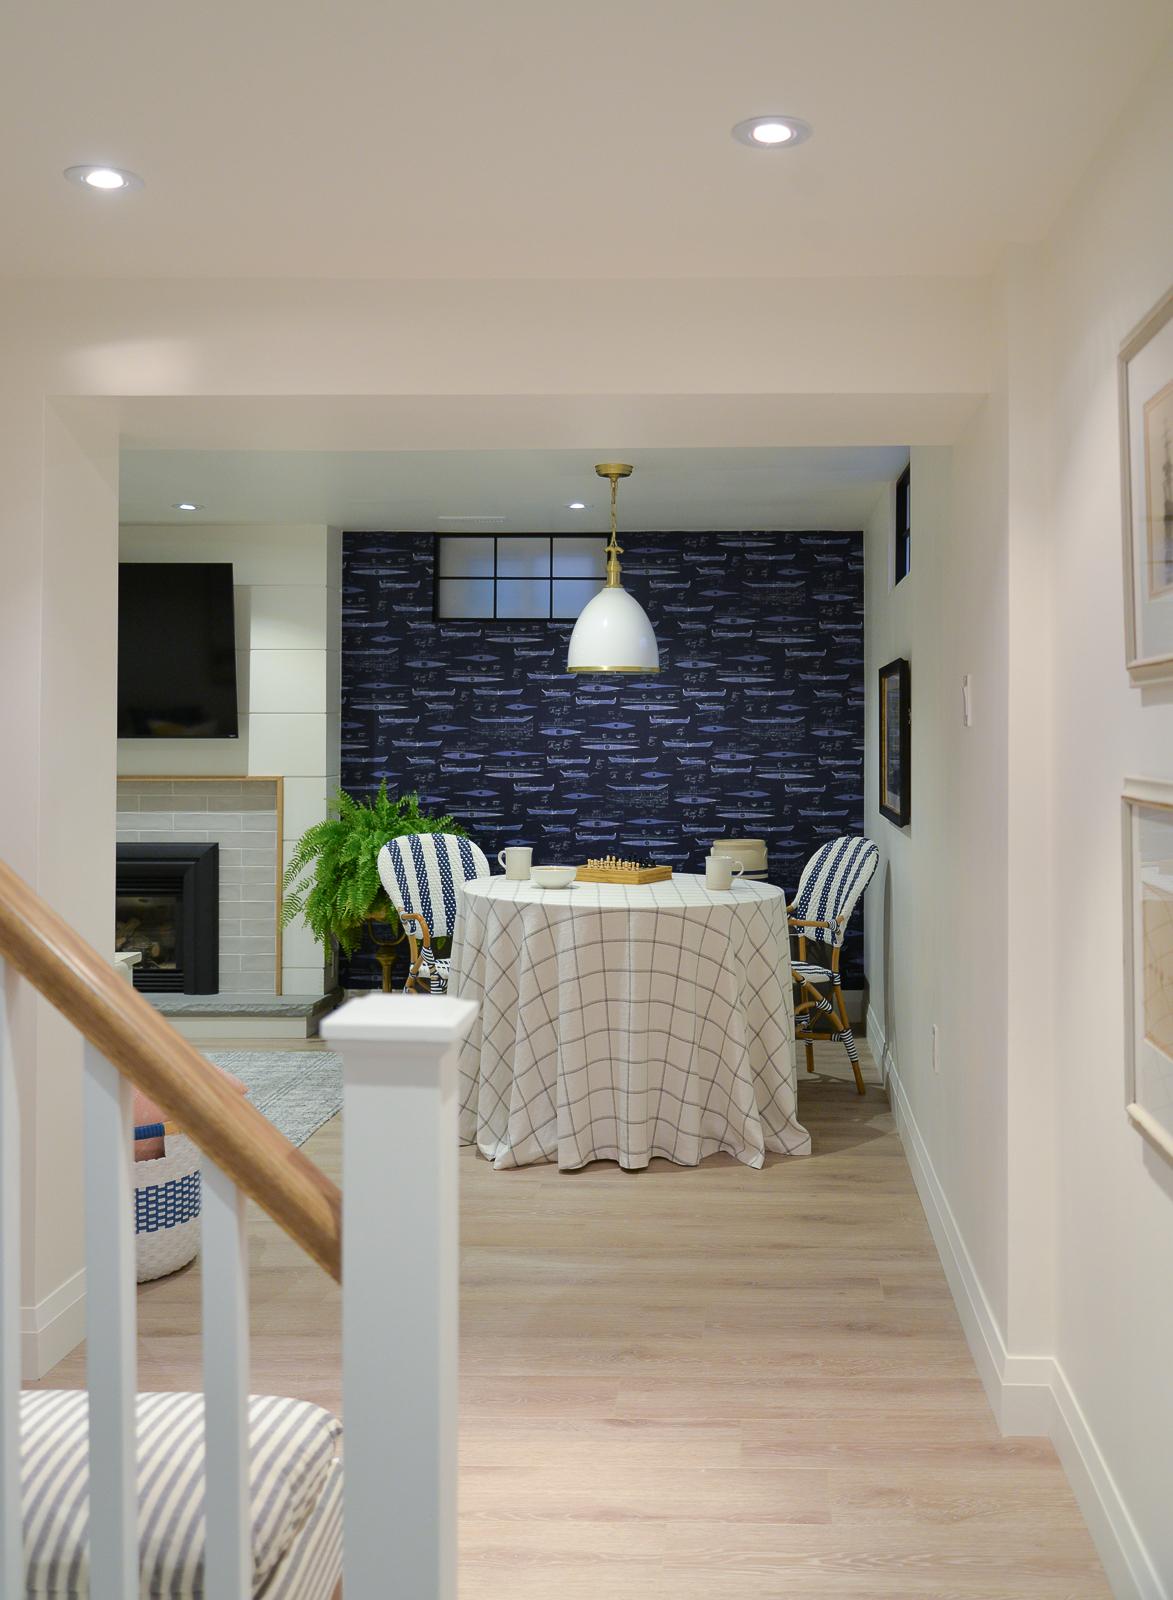 simply white benjamin moore basement, simply white oc-117, benjamin moore simply white